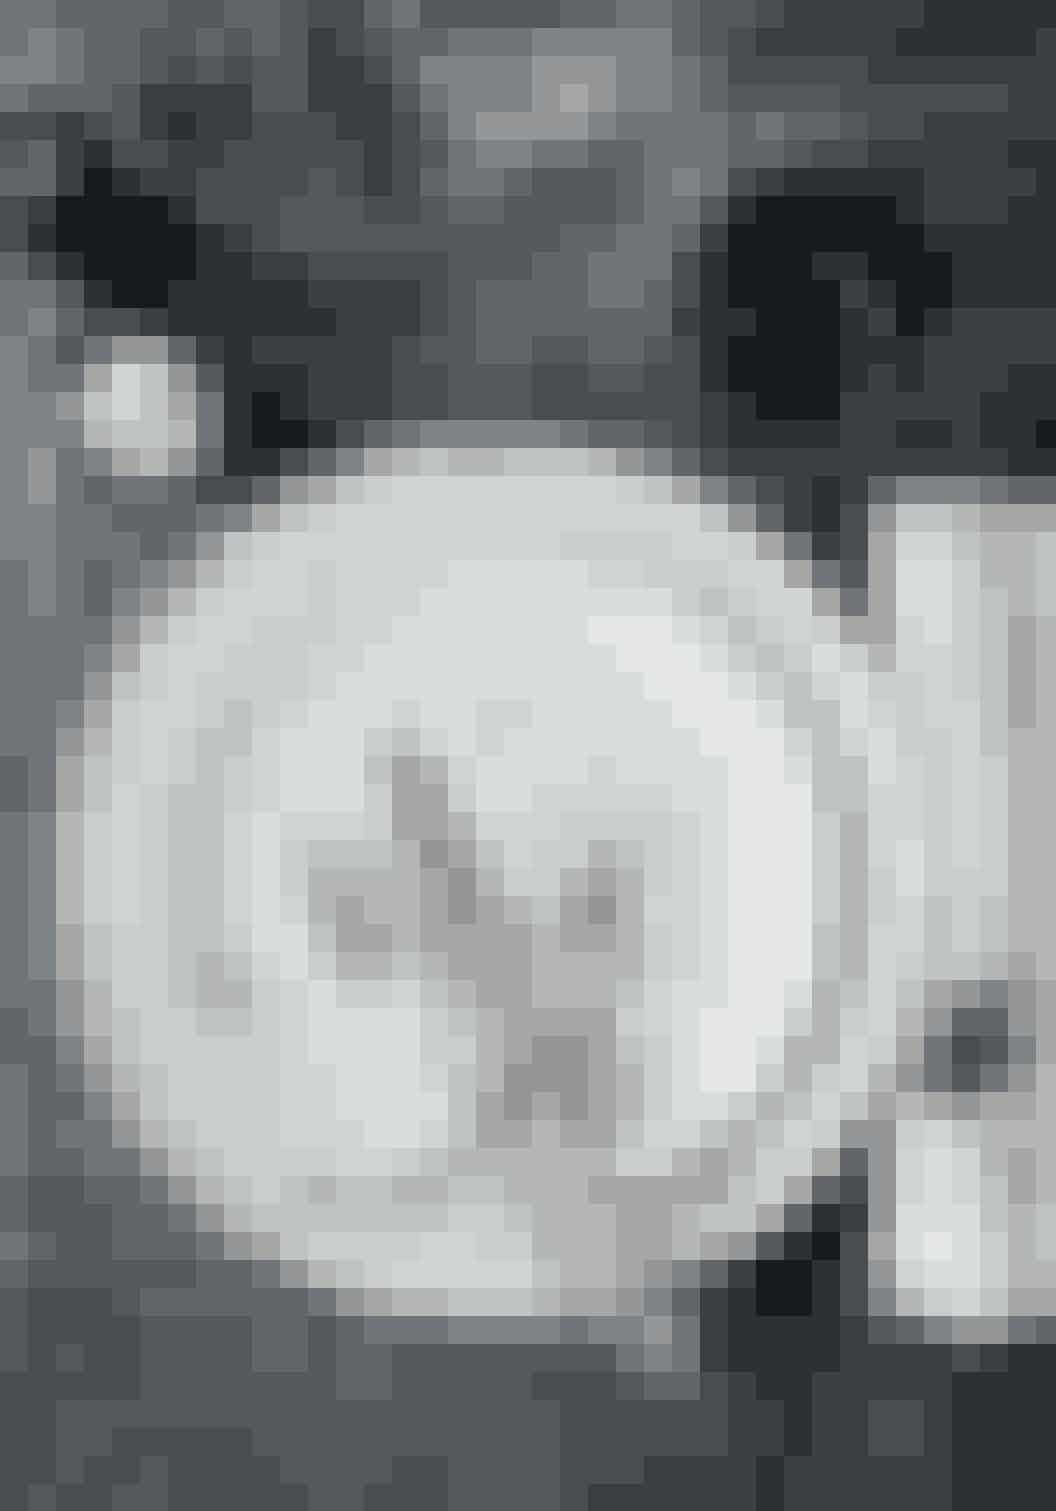 Cille Grut dækker op med hørdug fra Society, grå 'Element'- og 'Flora'-tallerkner fra Royal Copenhagen, glas fra Holmegaard, peberkværn fra English Silverhouse, saltskål lavet af guldsmed Torben Hardenberg og sølvbestik fra Living Georg Jensen.